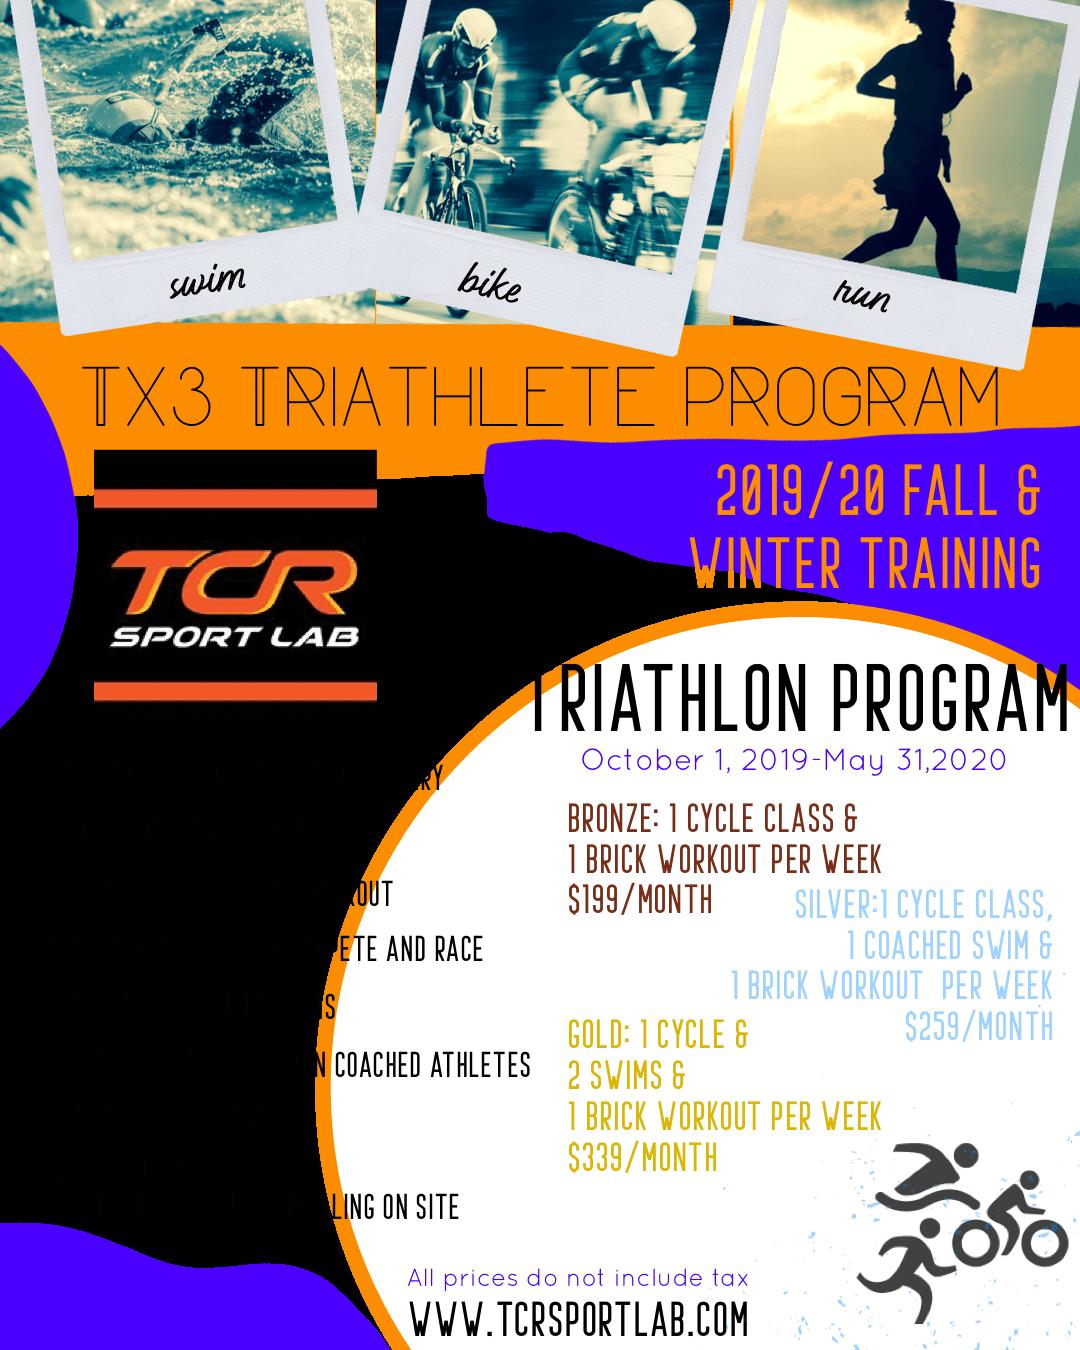 TX3 TRIATHLON PROGRAM - TCR